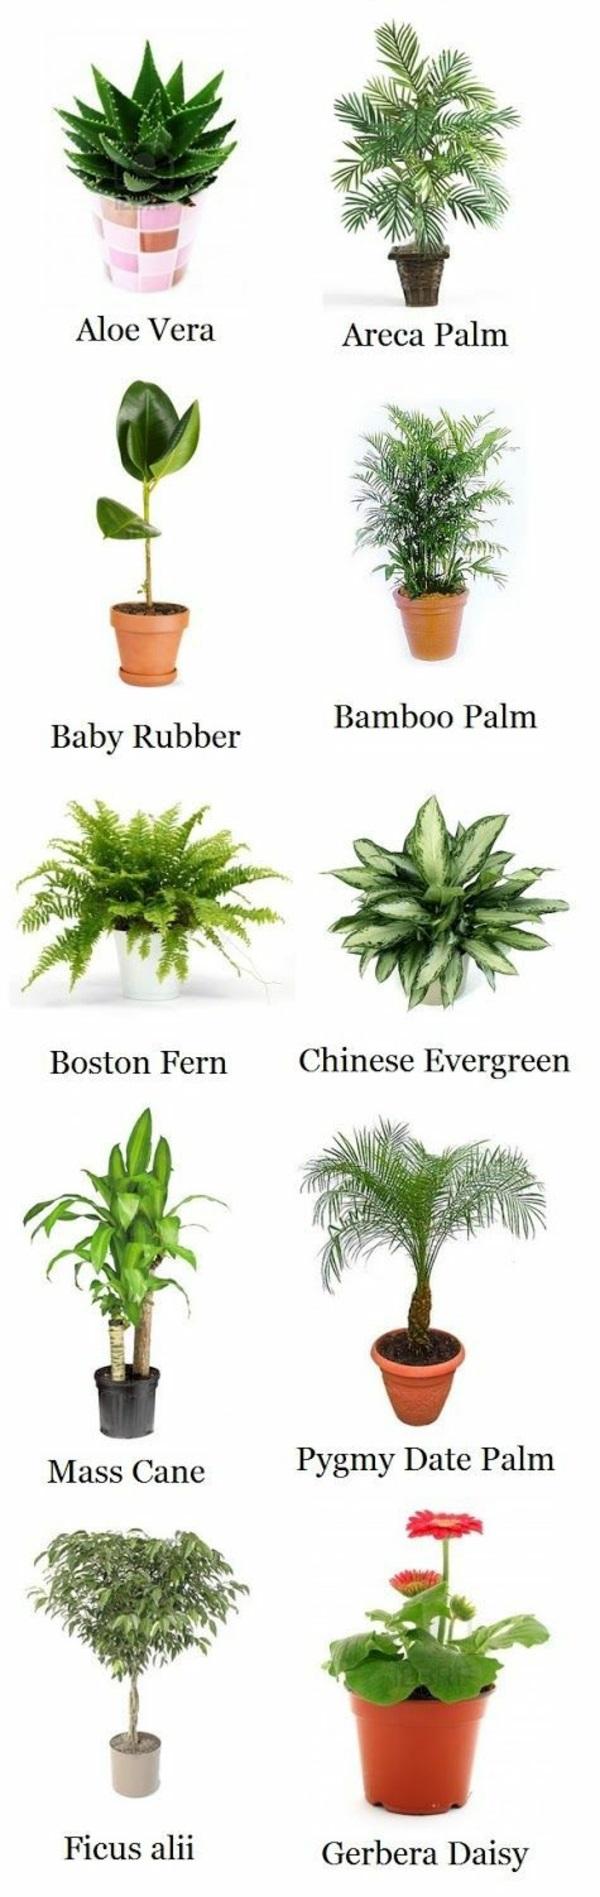 palmenarten zimmerpflanzen rhapis excelsa geh rt zu den. Black Bedroom Furniture Sets. Home Design Ideas